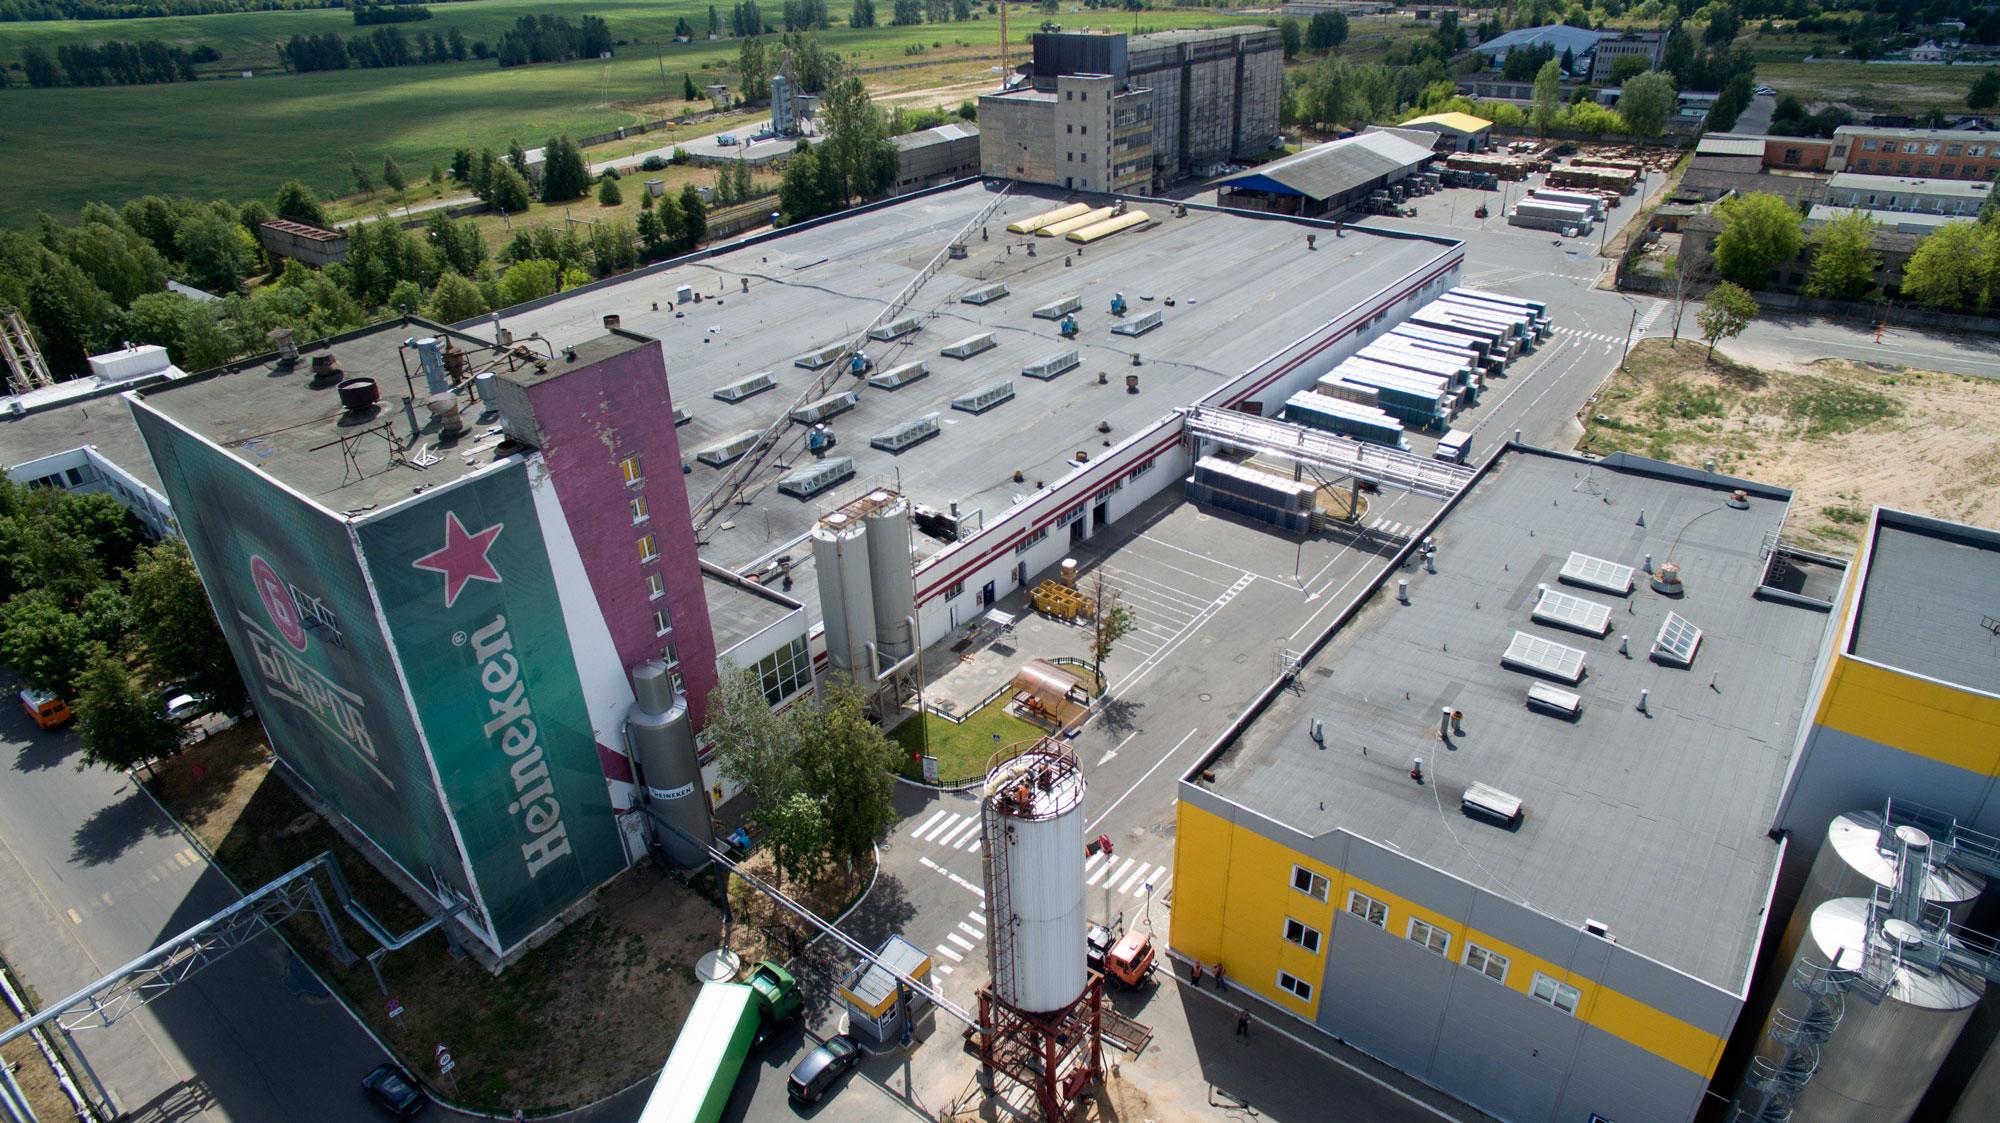 Бобруйское предприятие Heineken занимается экологическими проектами имеющих большое значение для окружающей среды